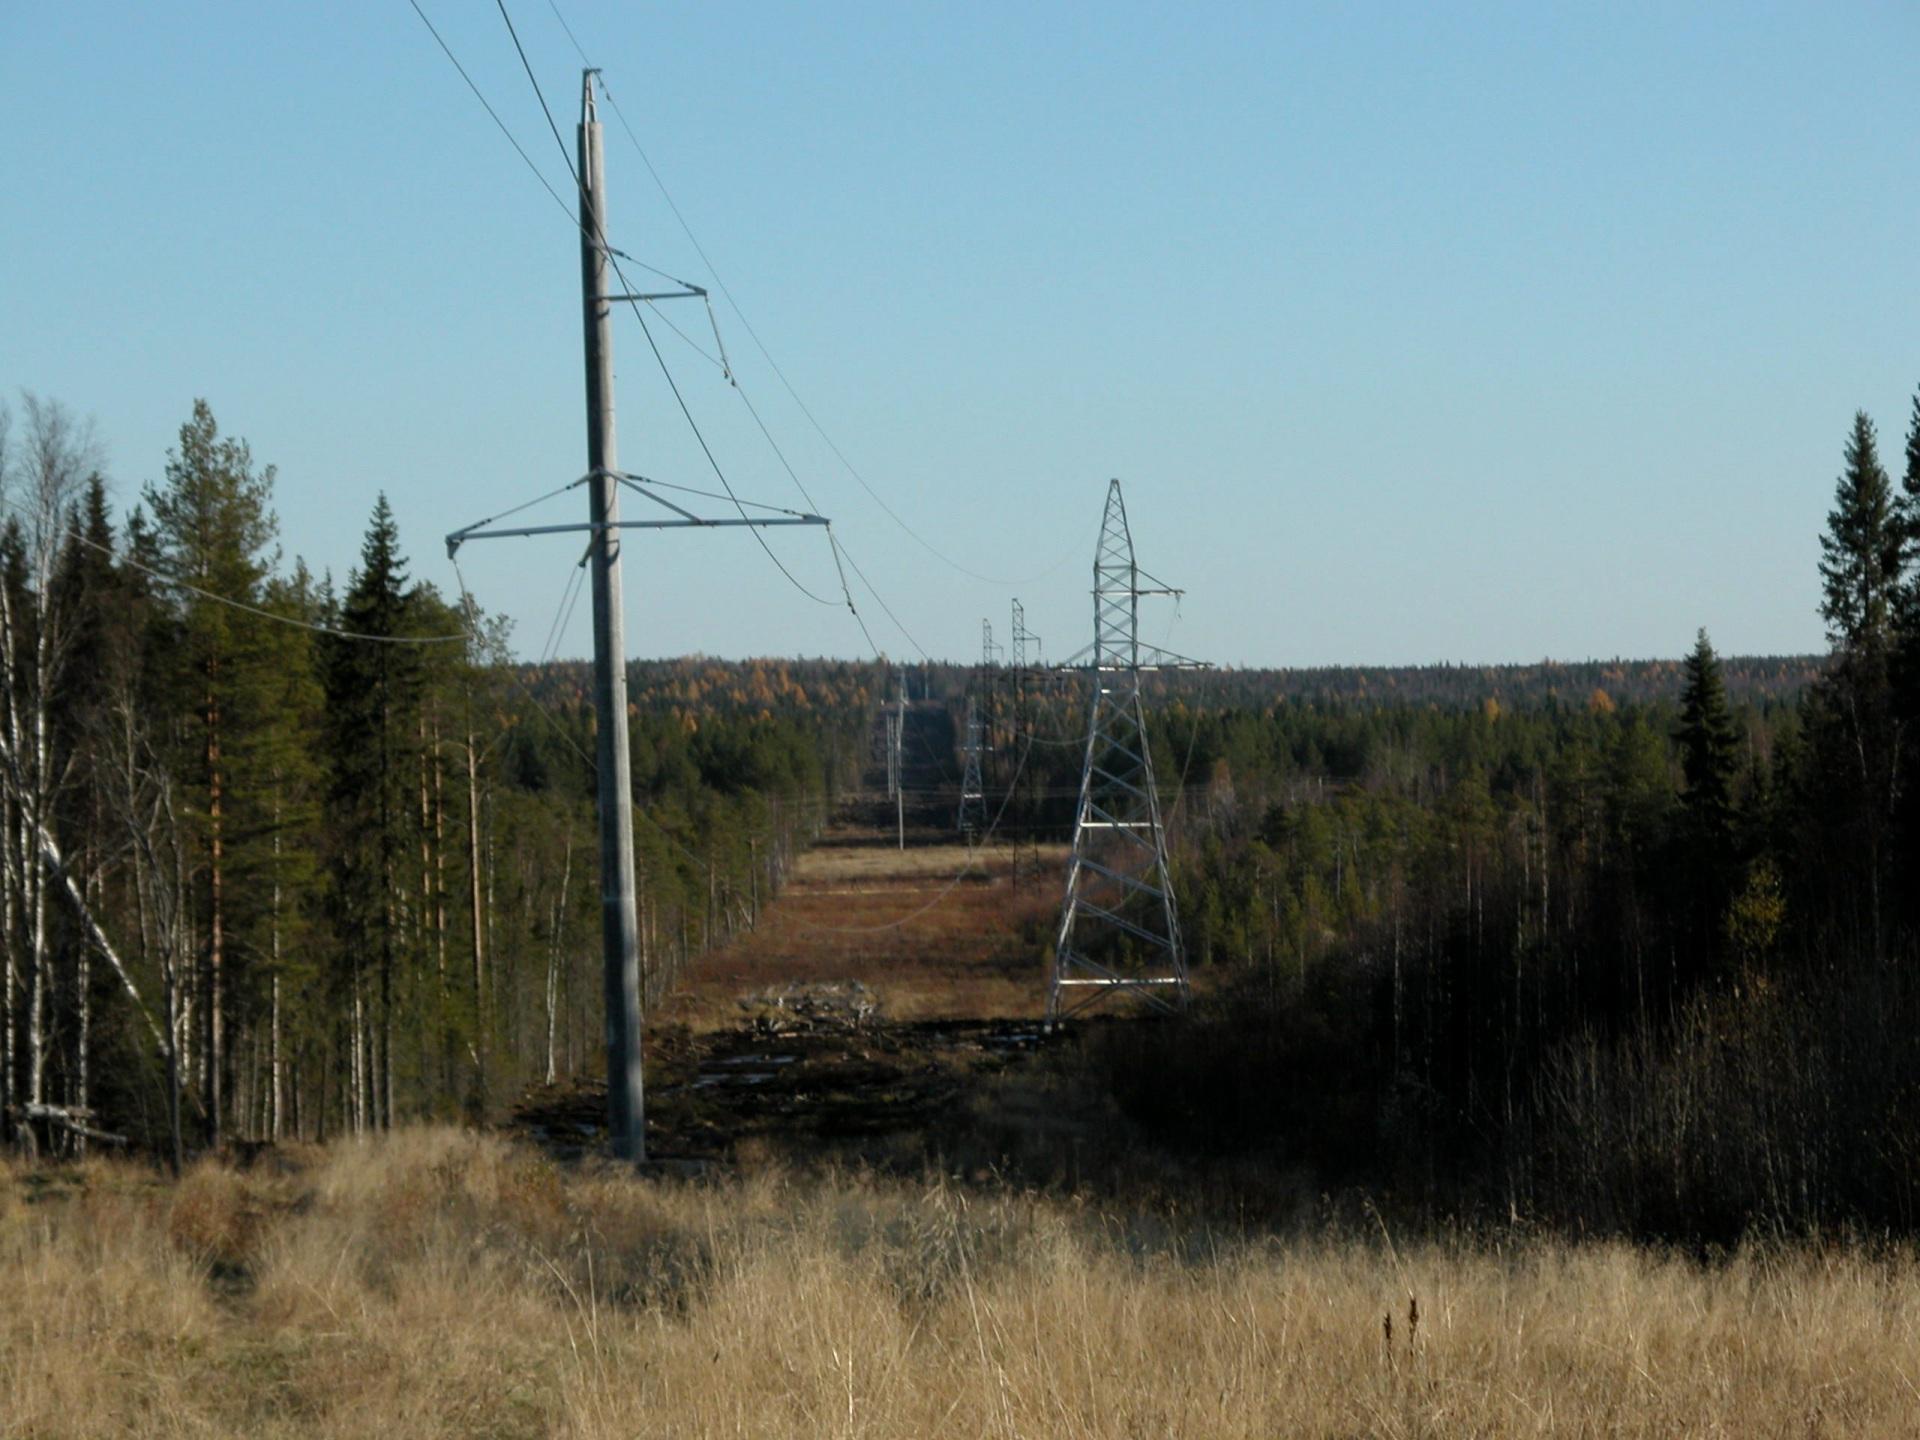 В Койгородском районе восстанавливают электроснабжение после утренней грозы